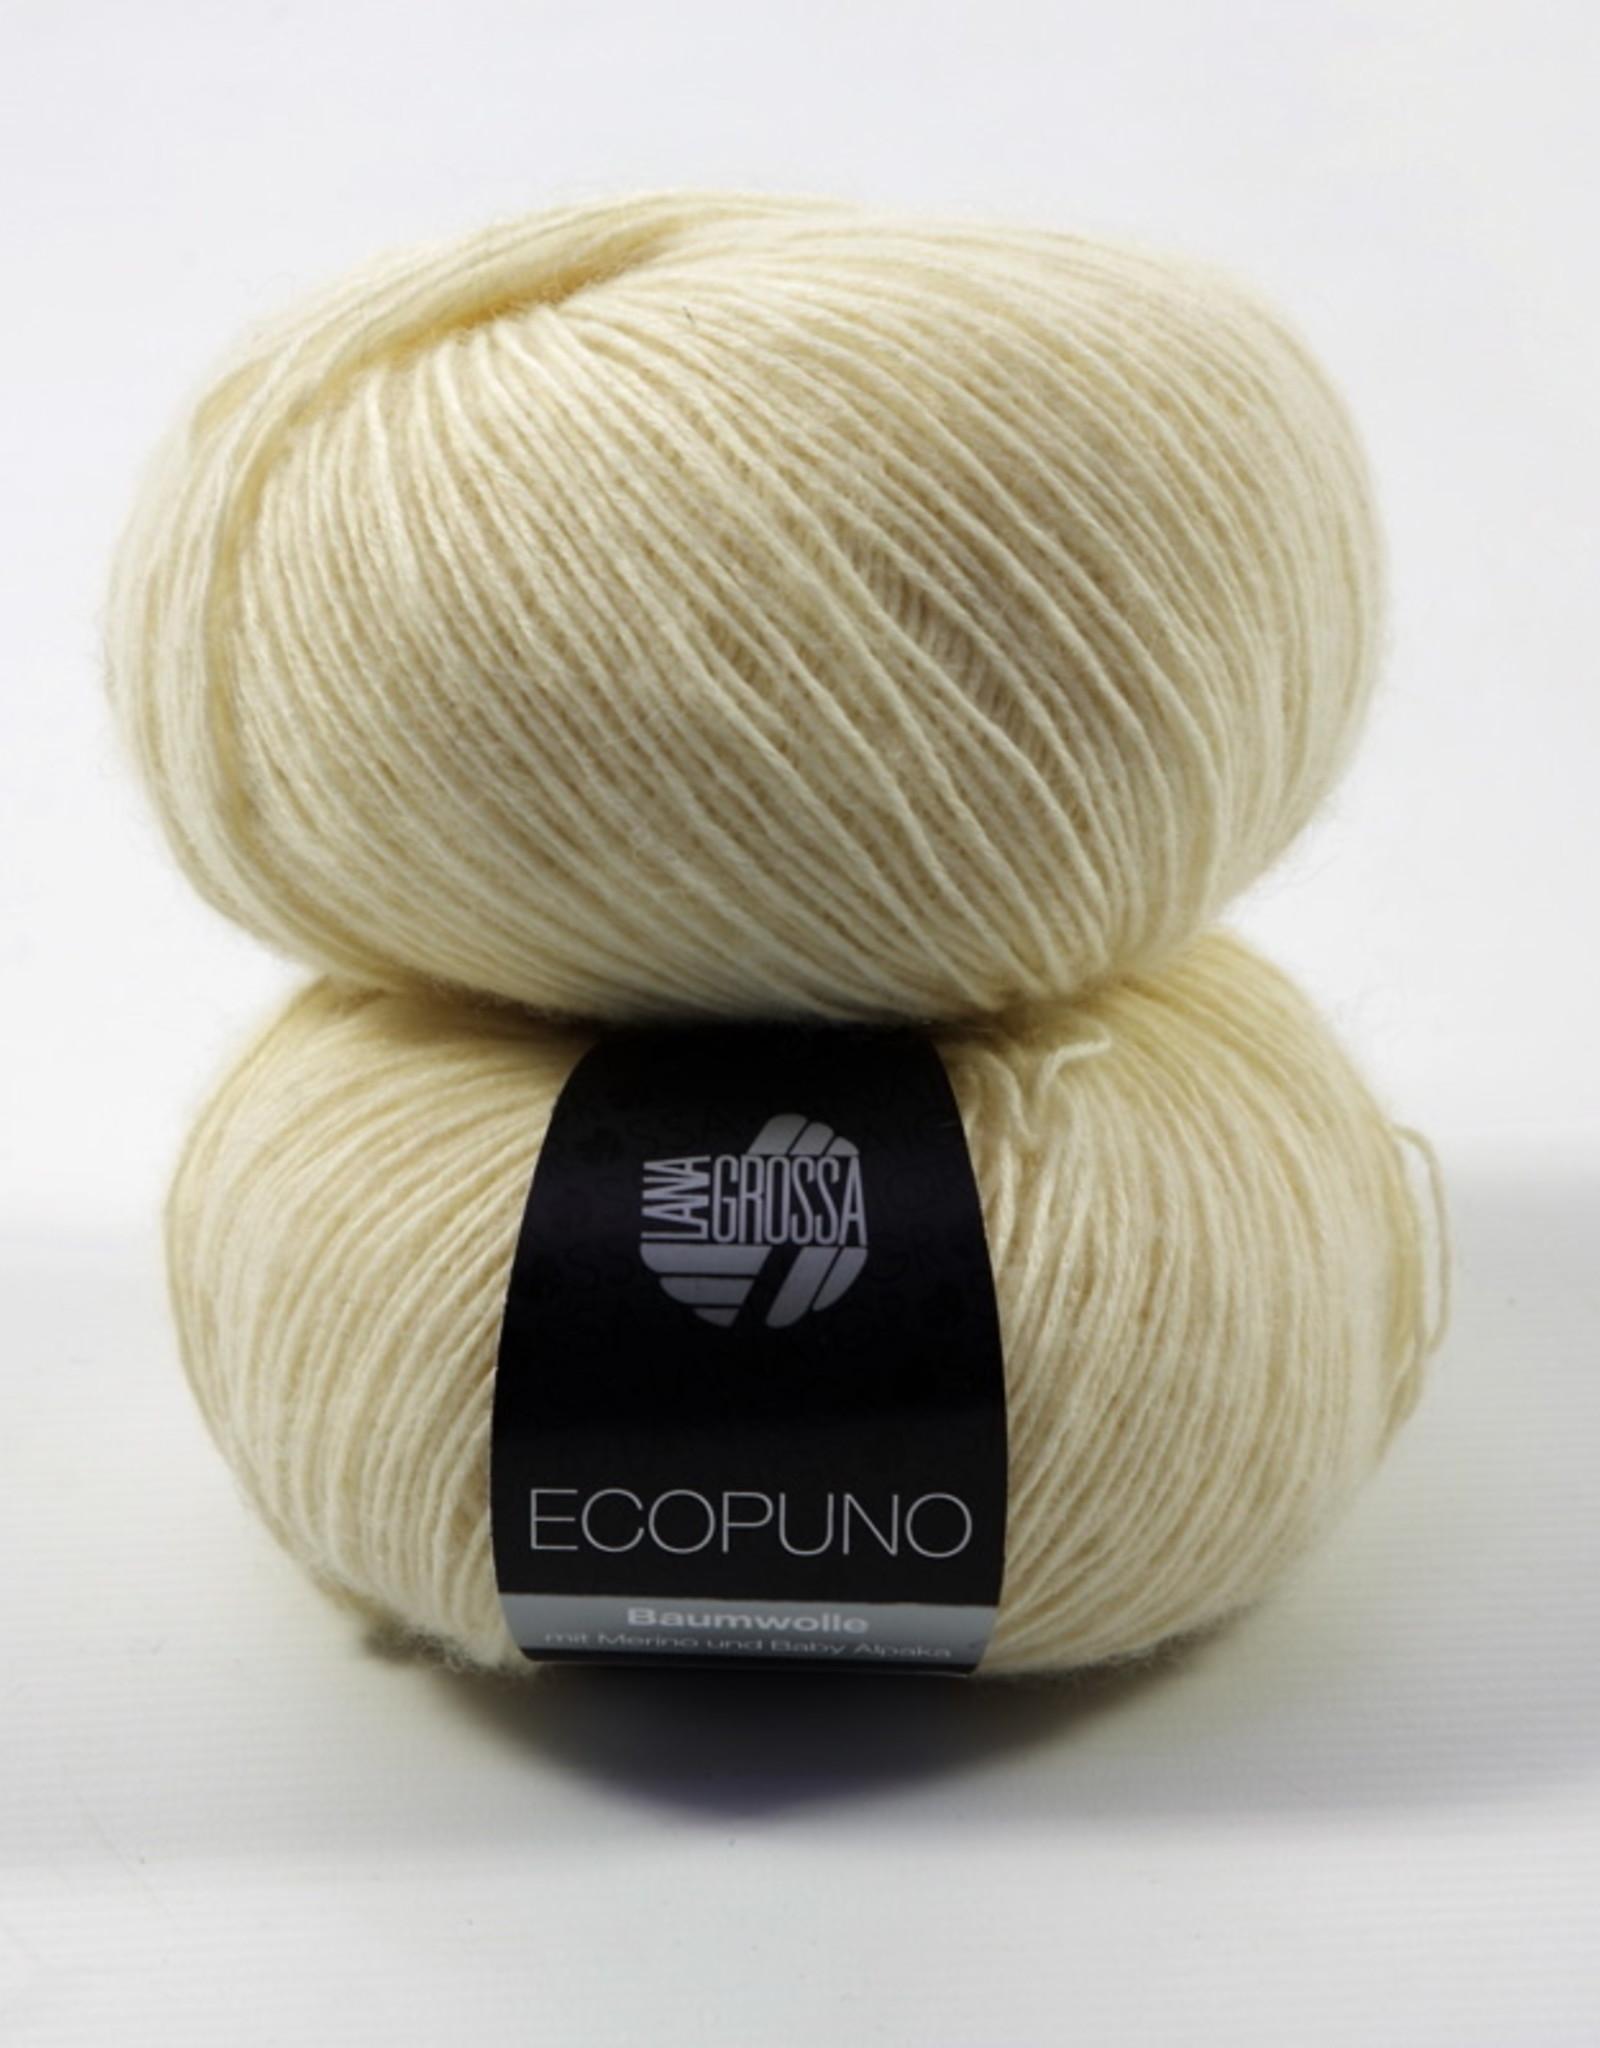 Lana Grossa Ecopuno 046 Crème